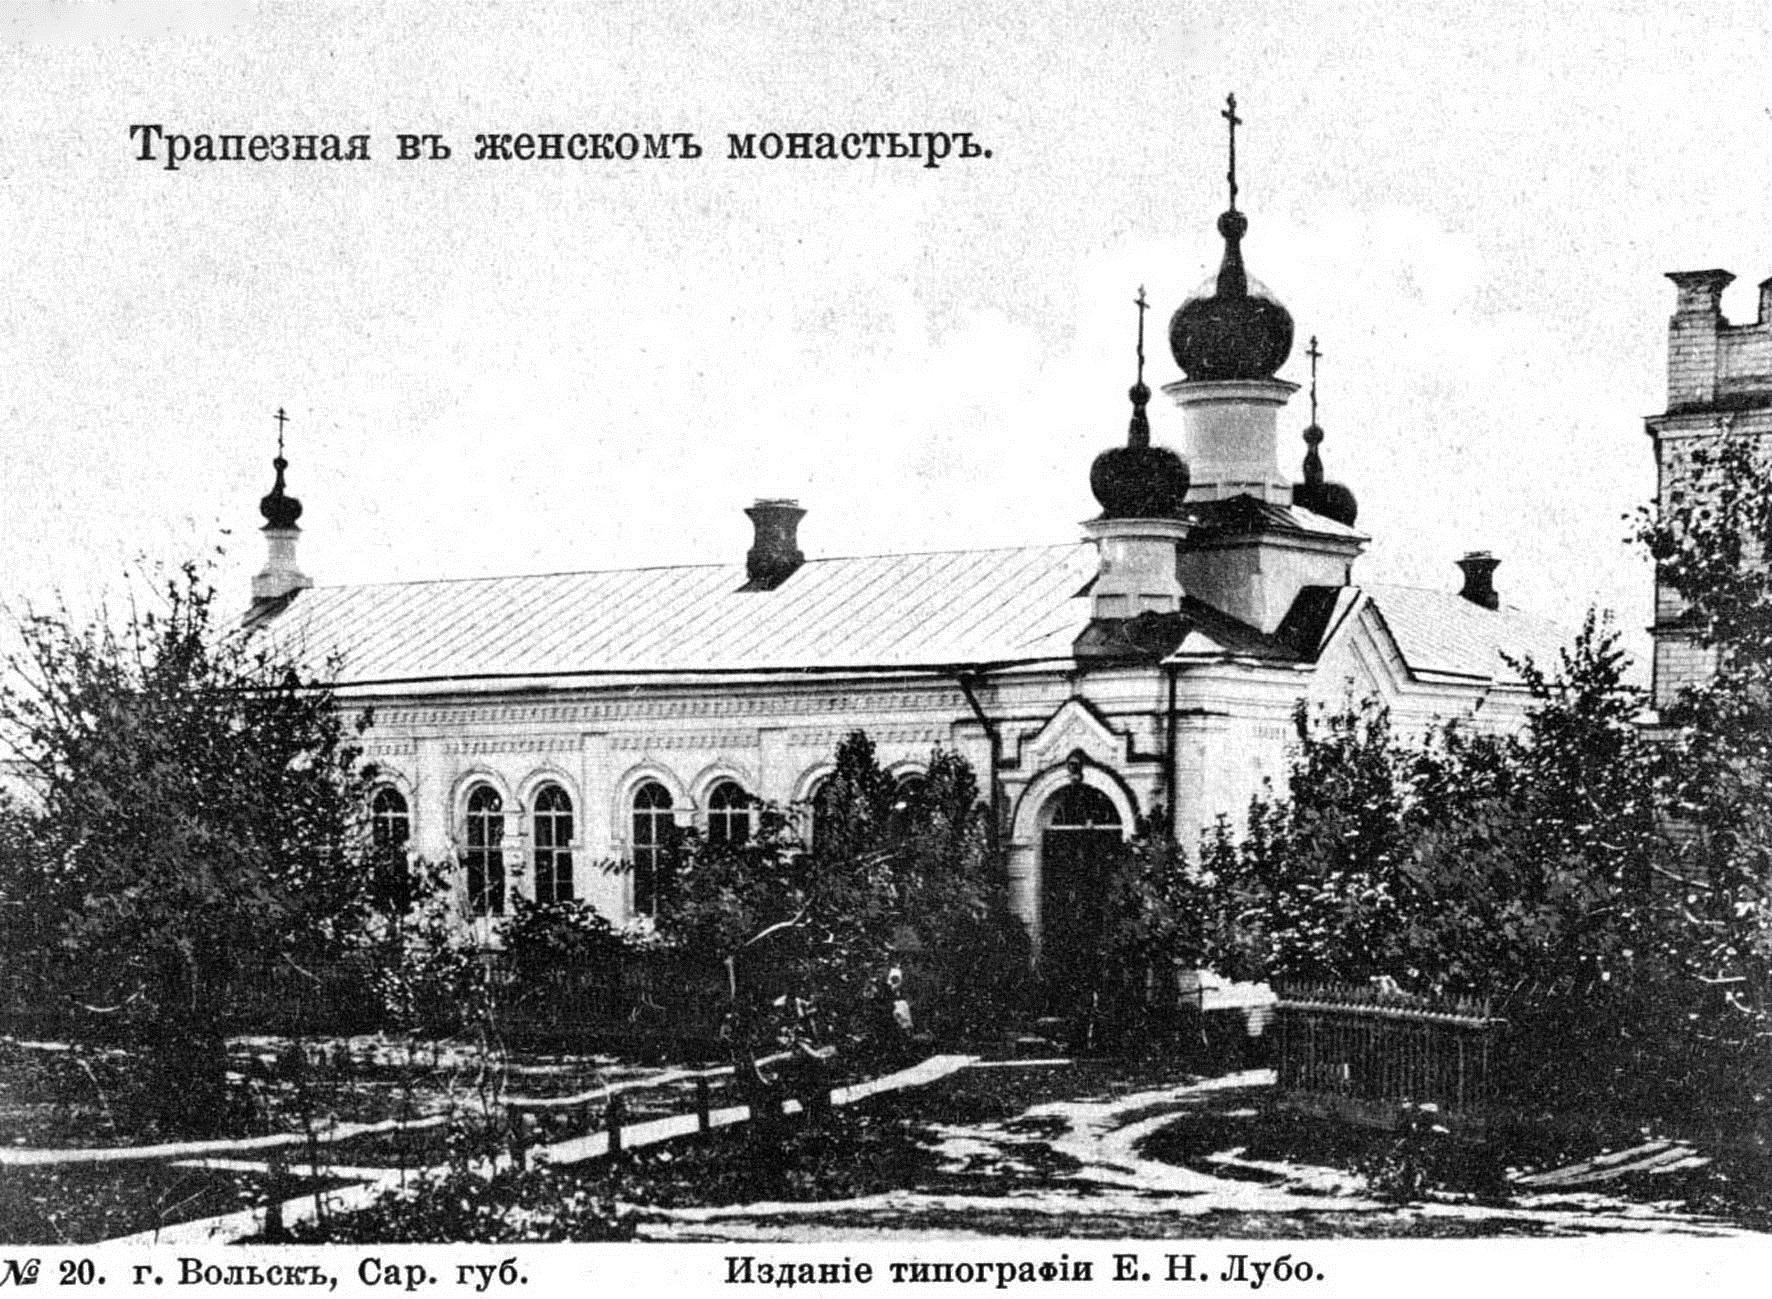 Женский монастырь. Трапезная